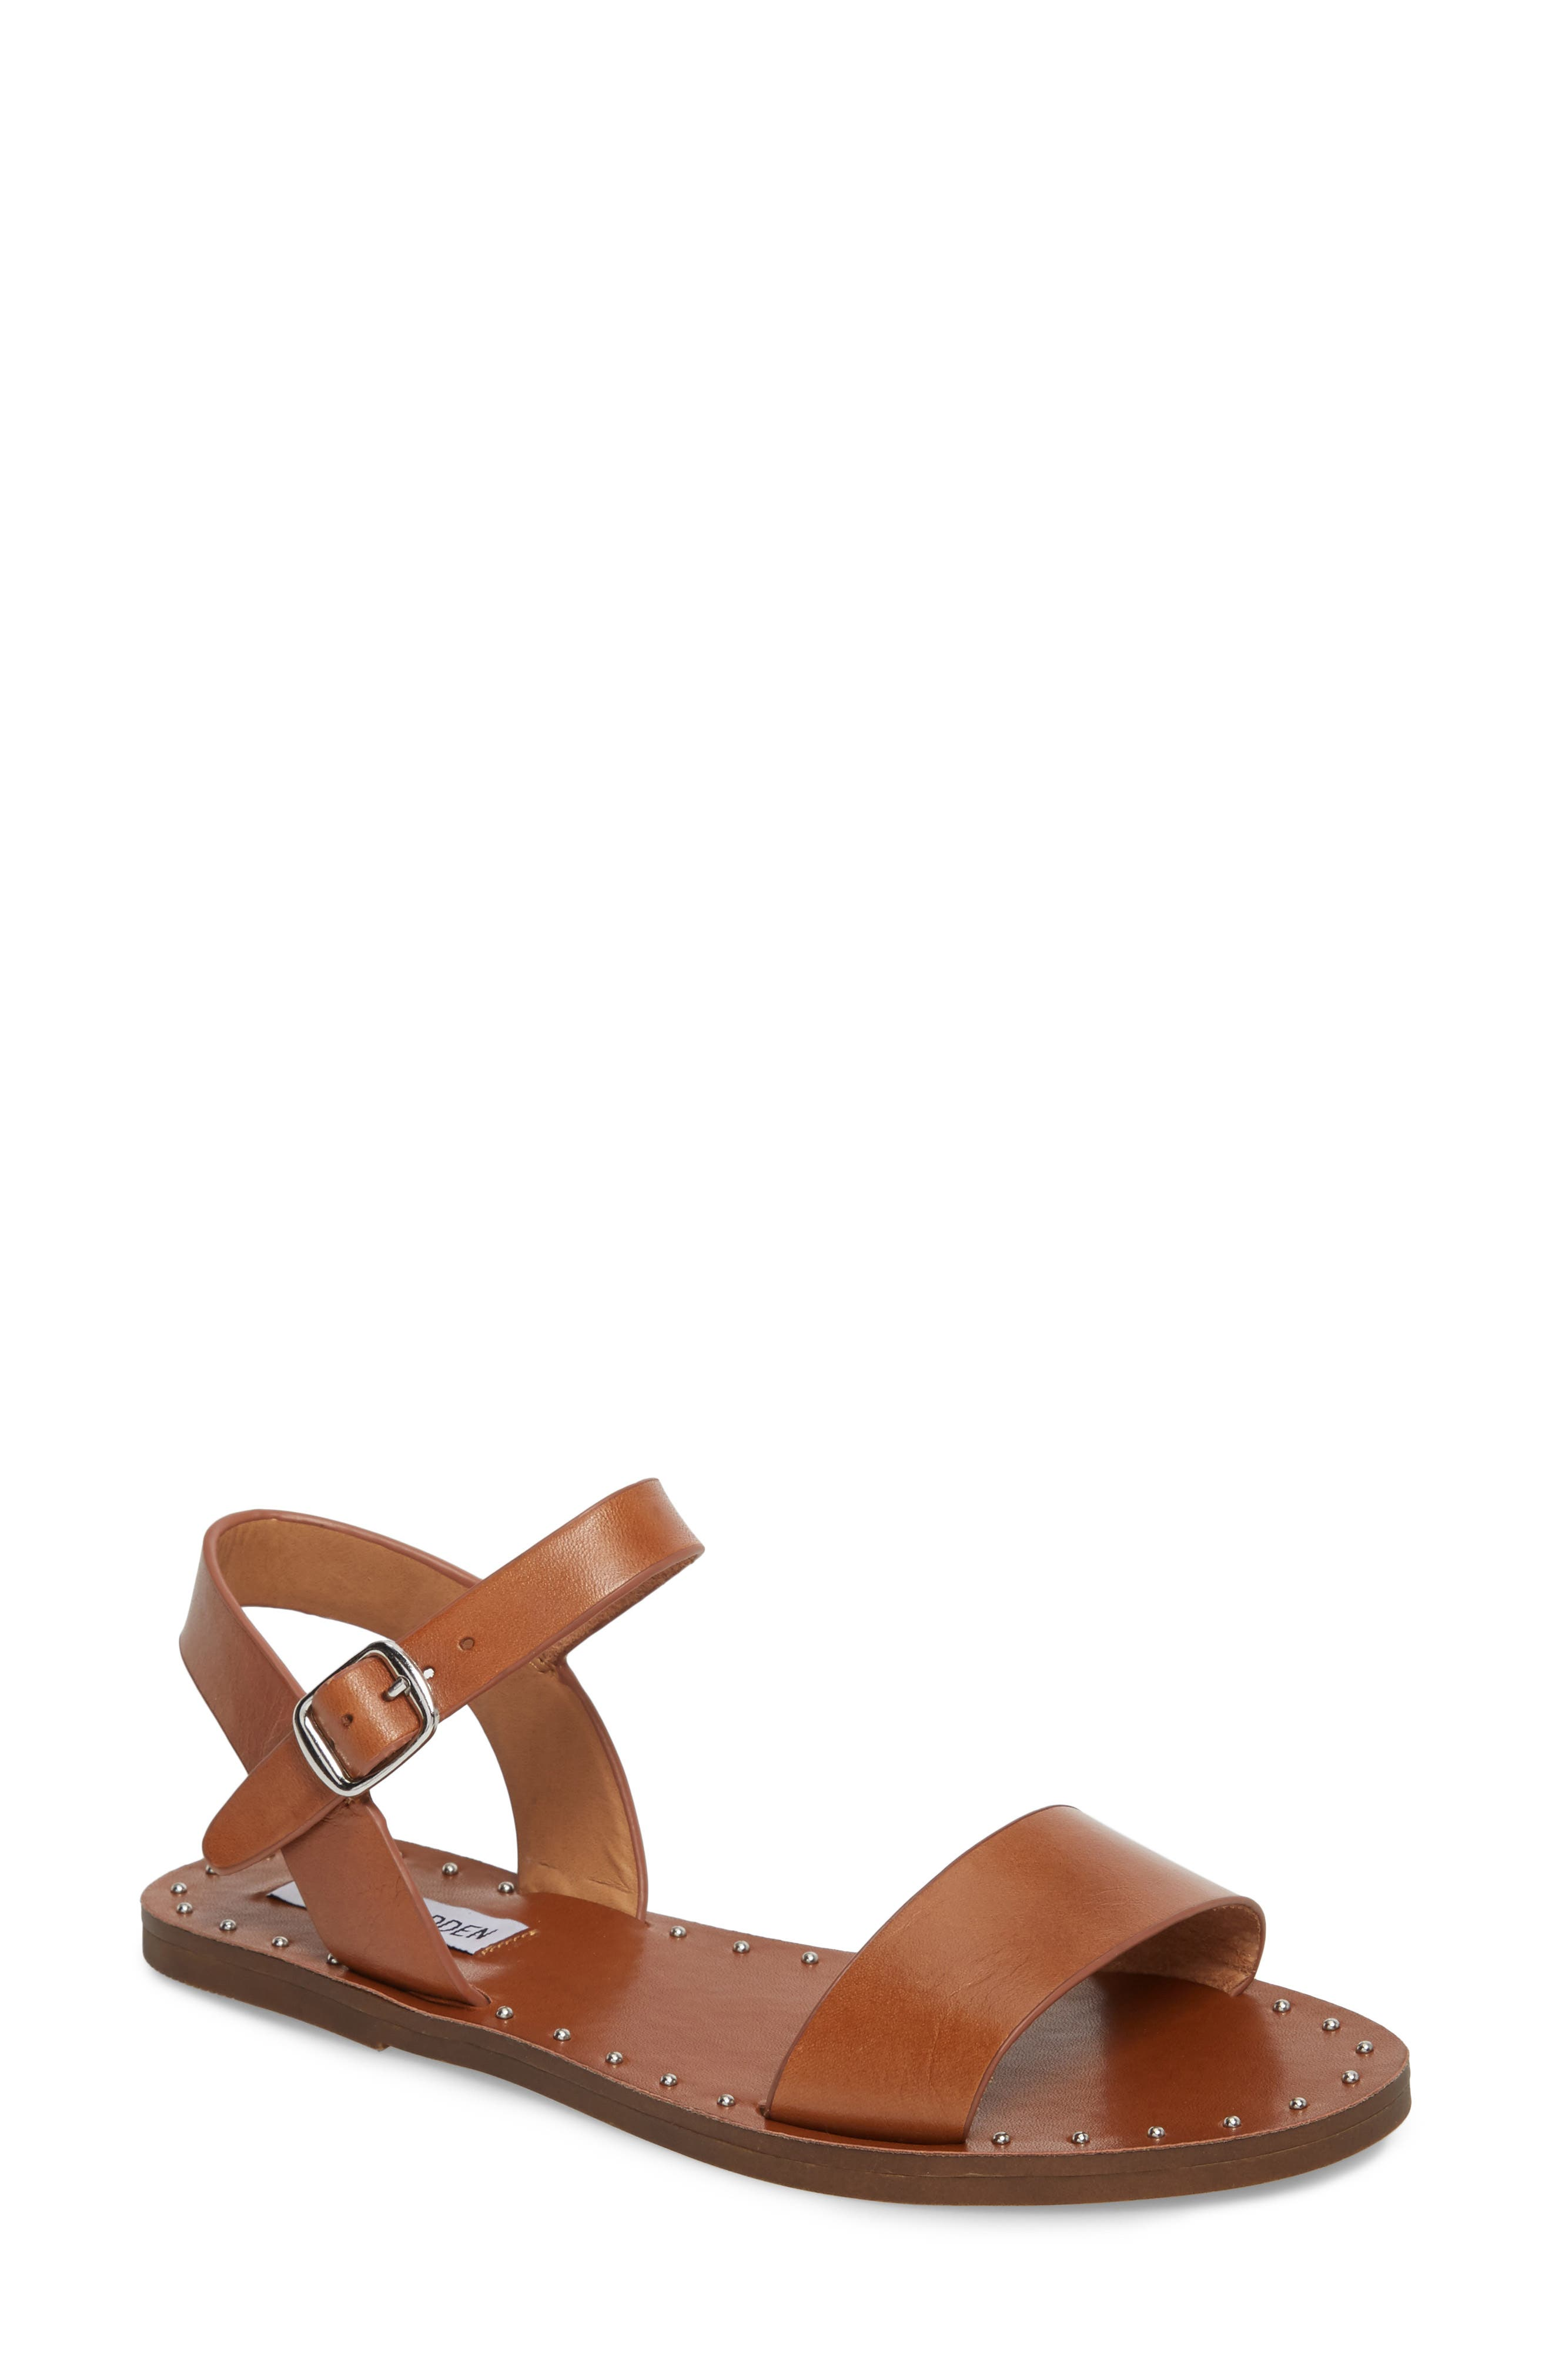 Dupe Sandal,                         Main,                         color, Cognac Leather